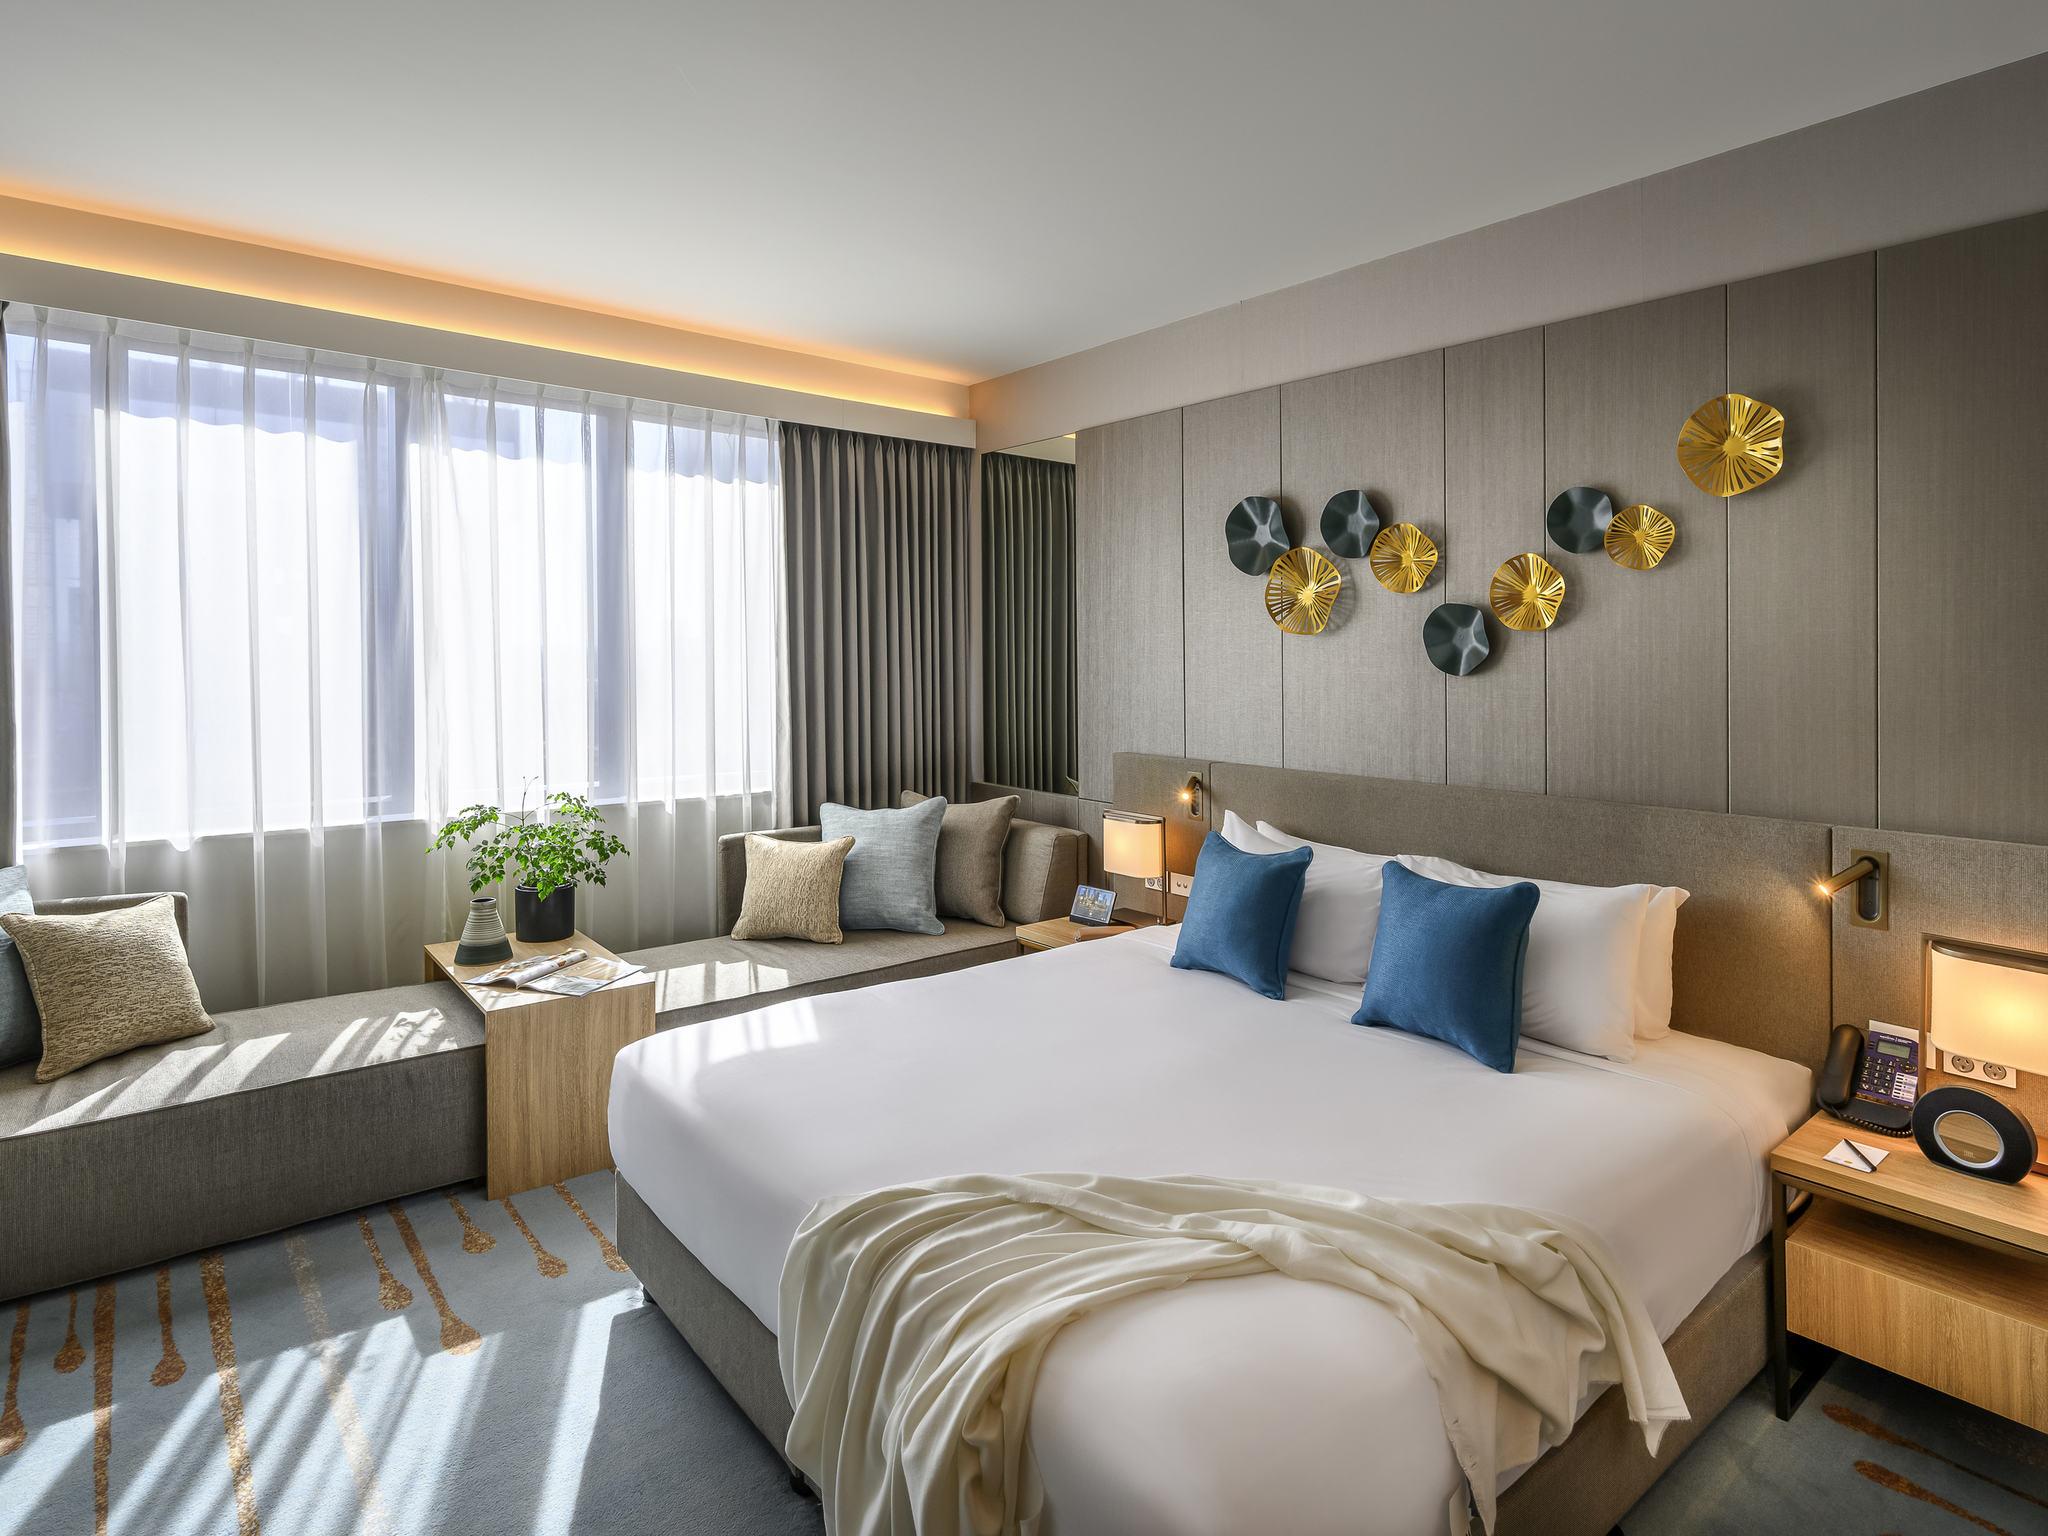 酒店 – 诺富特墨尔本小朗斯代尔街酒店(2018 年 11 月开业)